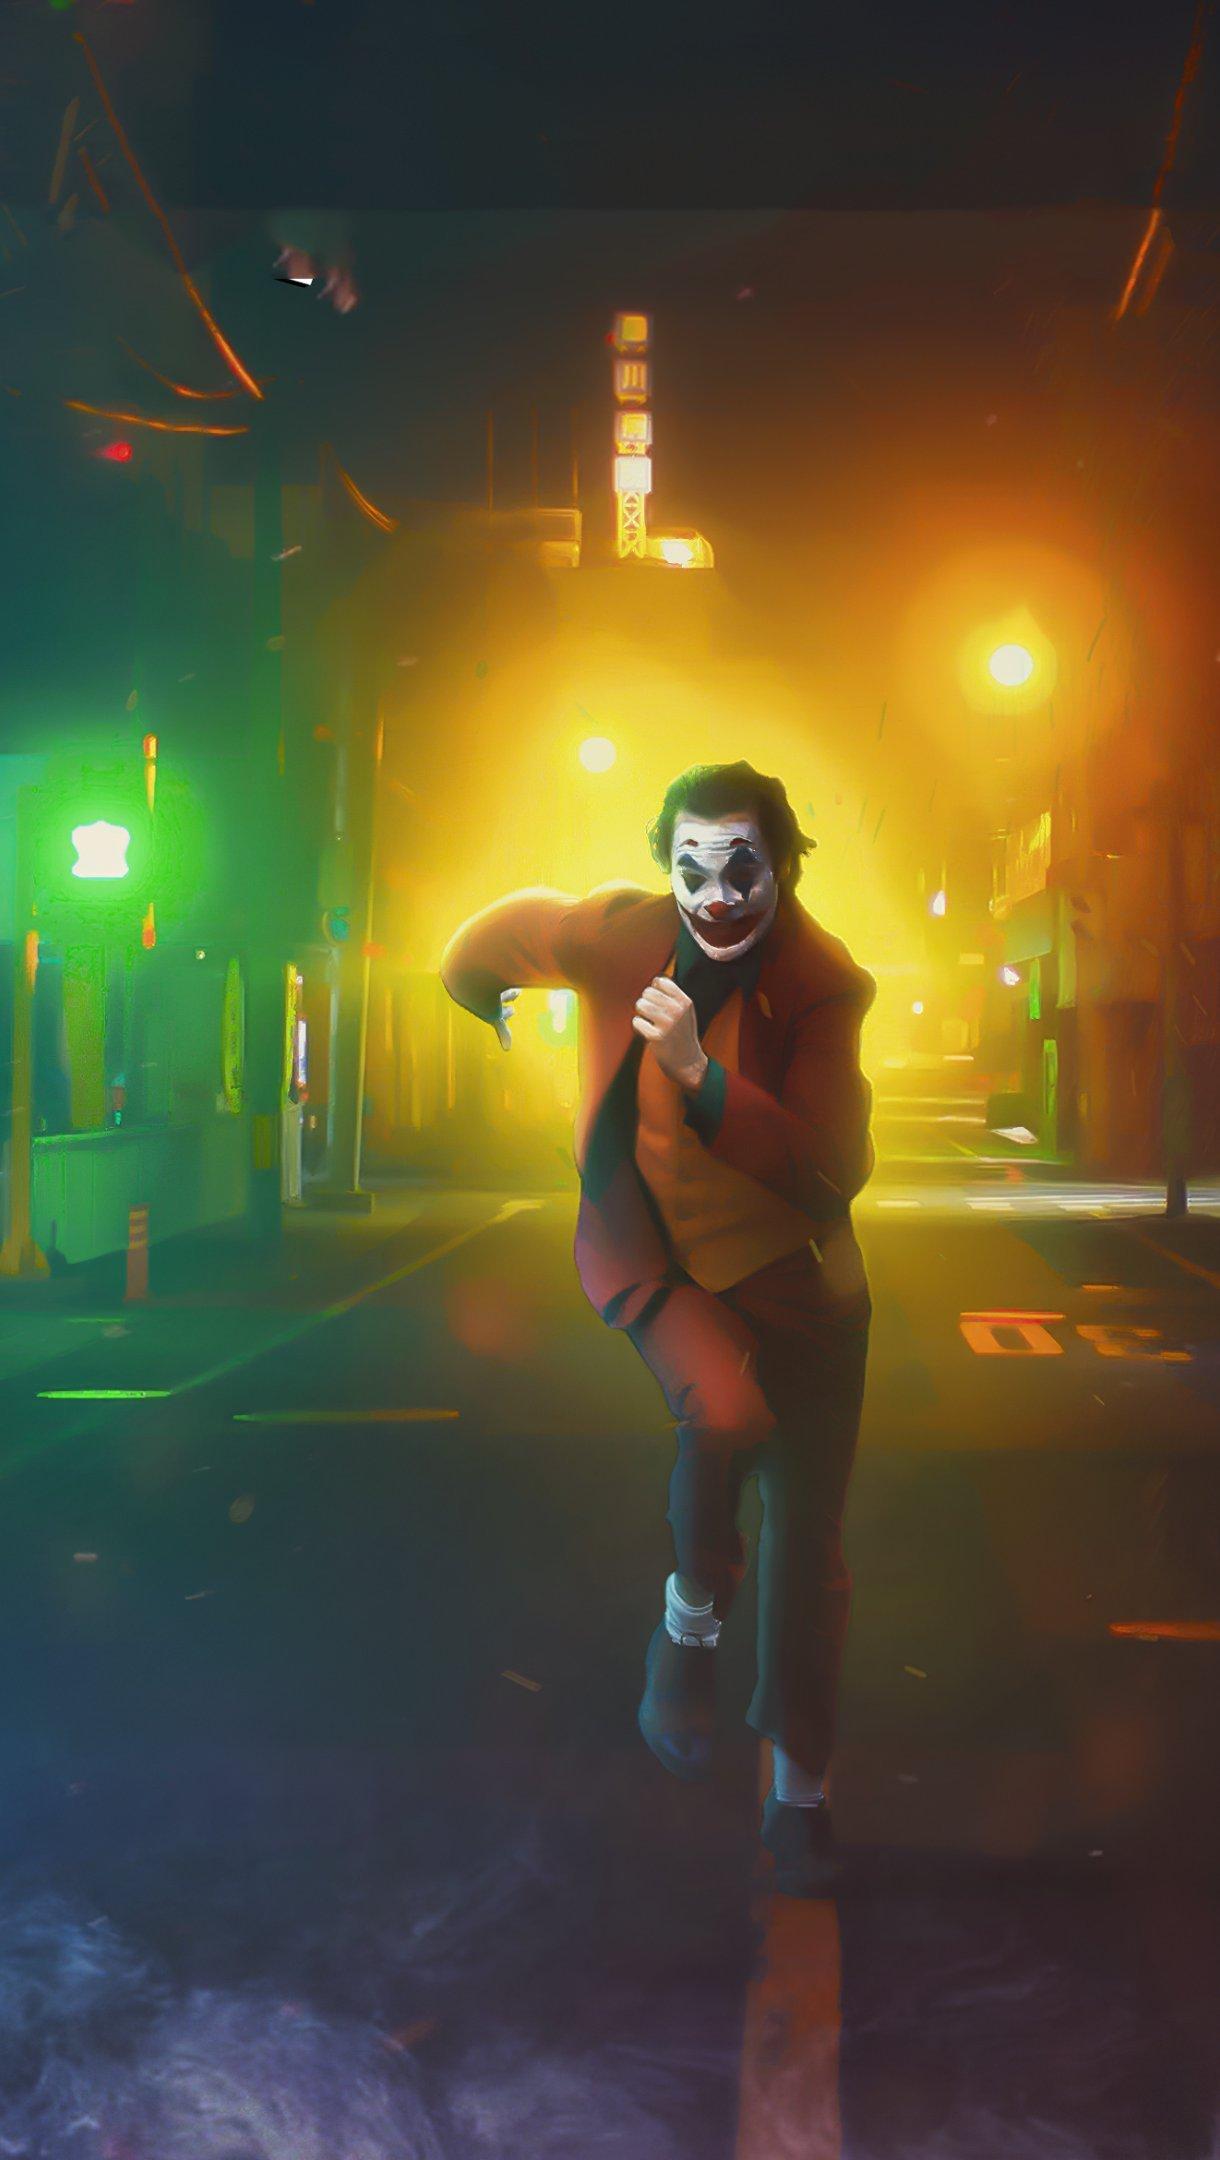 Wallpaper Joker on the run Vertical